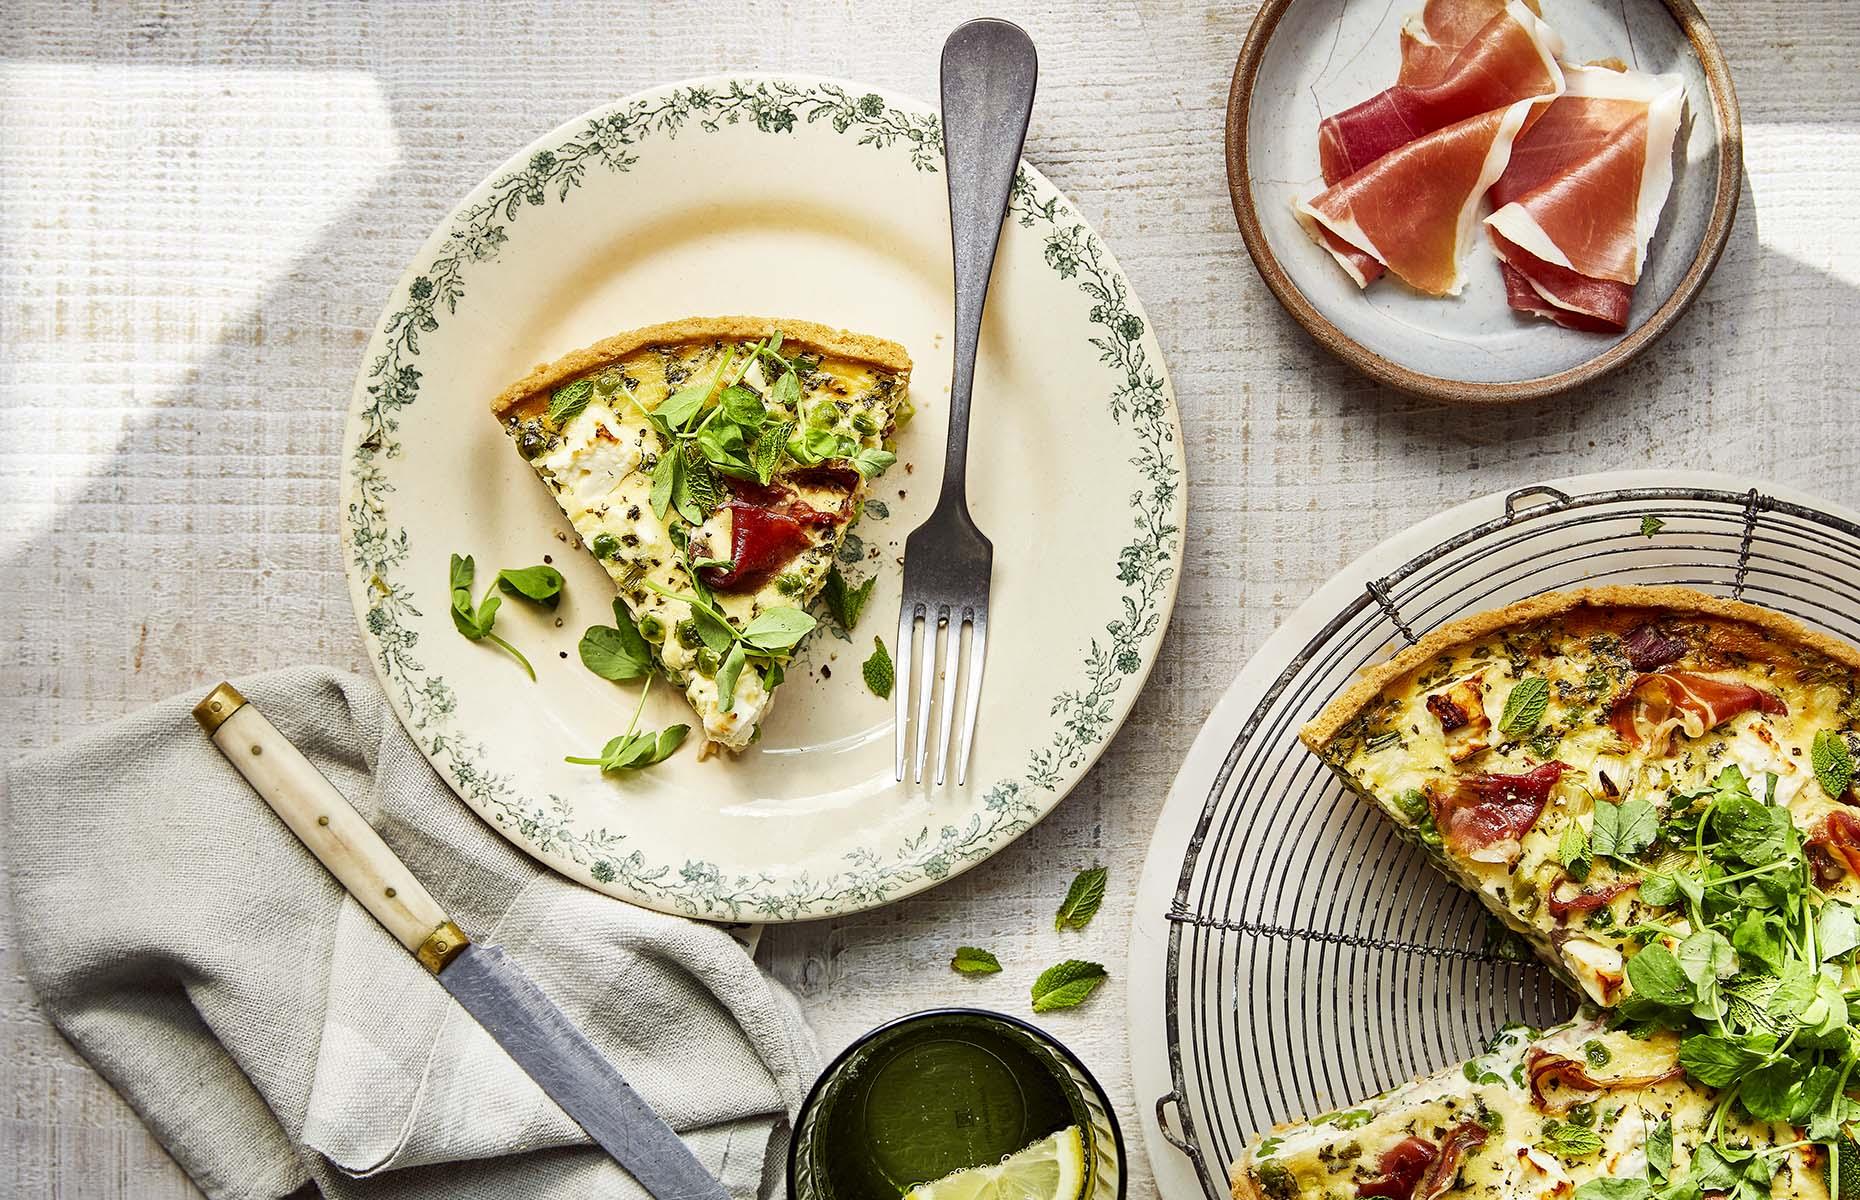 Pea, Parma Ham and feta quiche (Image: Prosciutto di Parma/Tim Atkins)